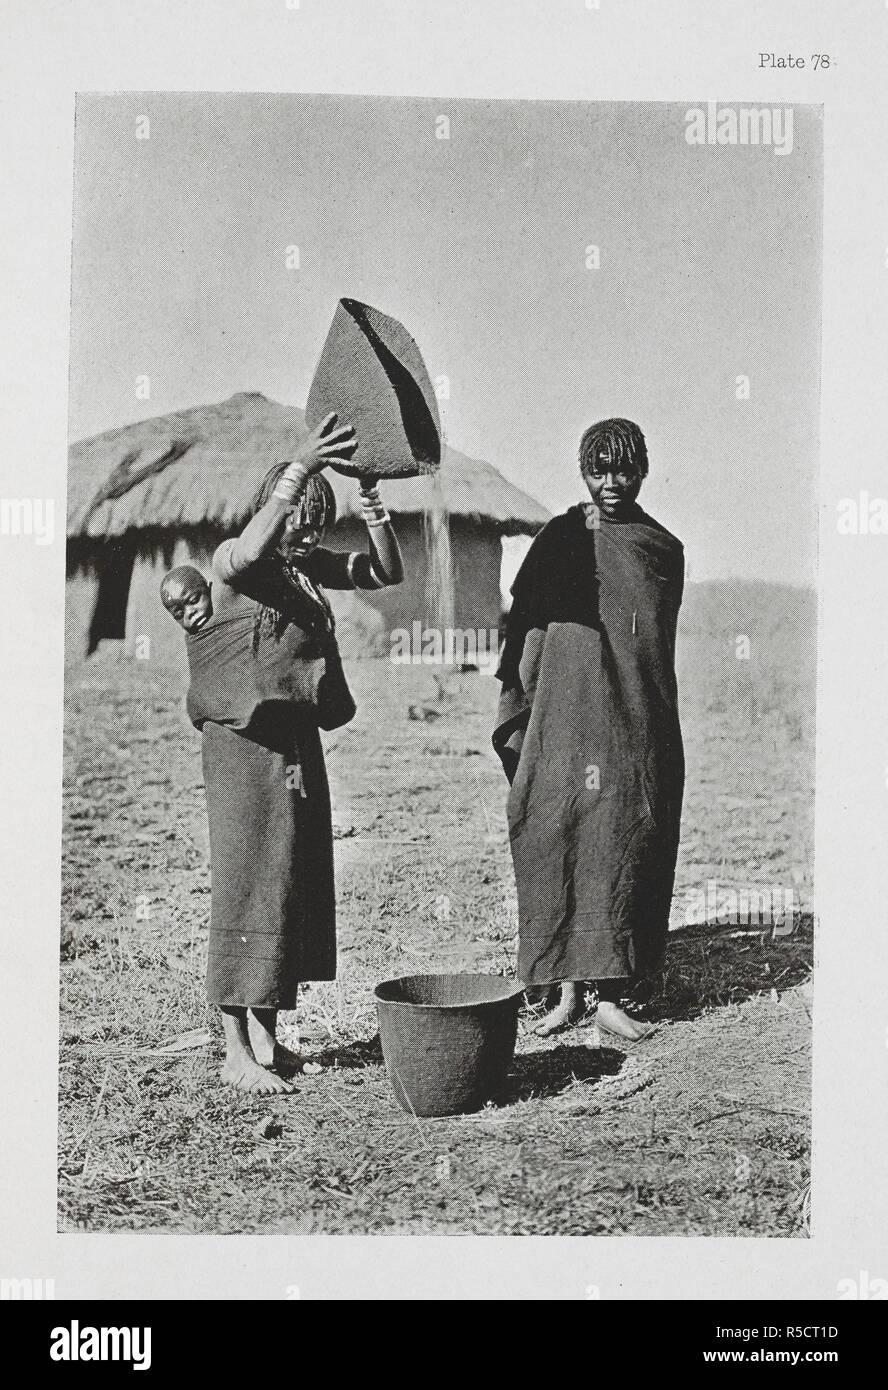 Una donna Pondo spulatura il mais. L'essenziale Kafir ... Con un centinaio di full-page illustrazioni dall'autore. Londra : Adam & Charles Black, 1904. Fonte: 10096.h.20 piastra 78. Autore: Kidd, Dudley. Immagini Stock